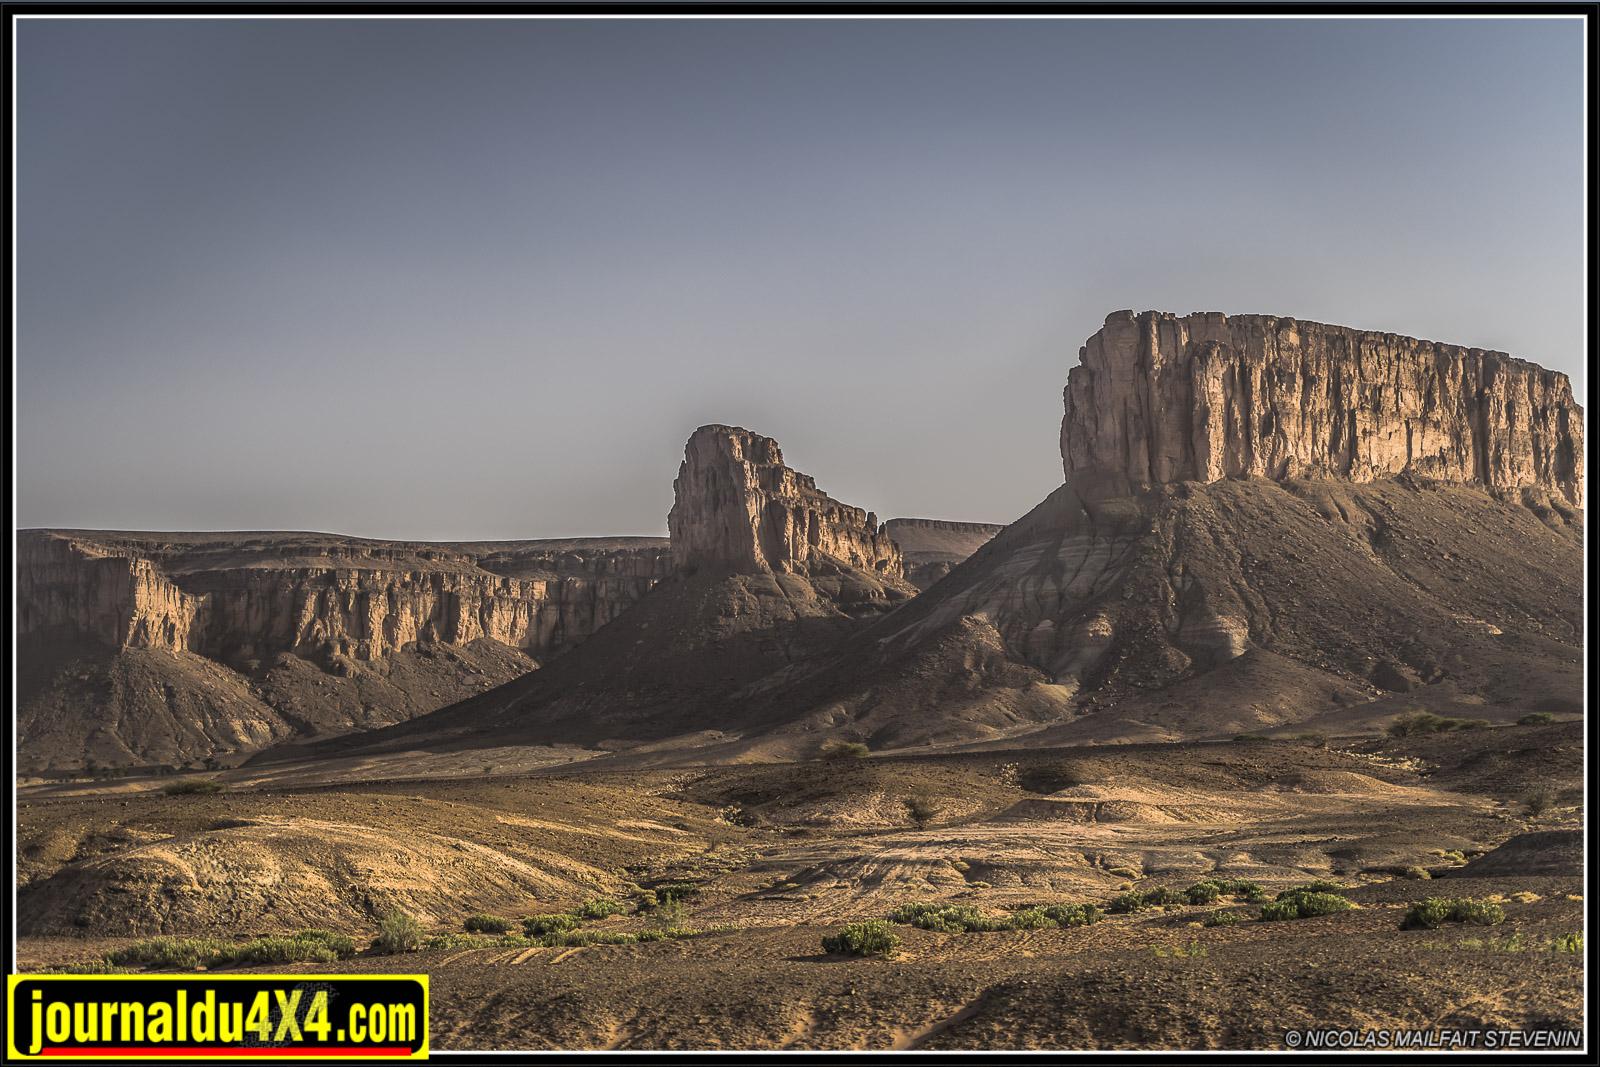 rallye-aicha-gazelles-maroc-2017-7953.jpg